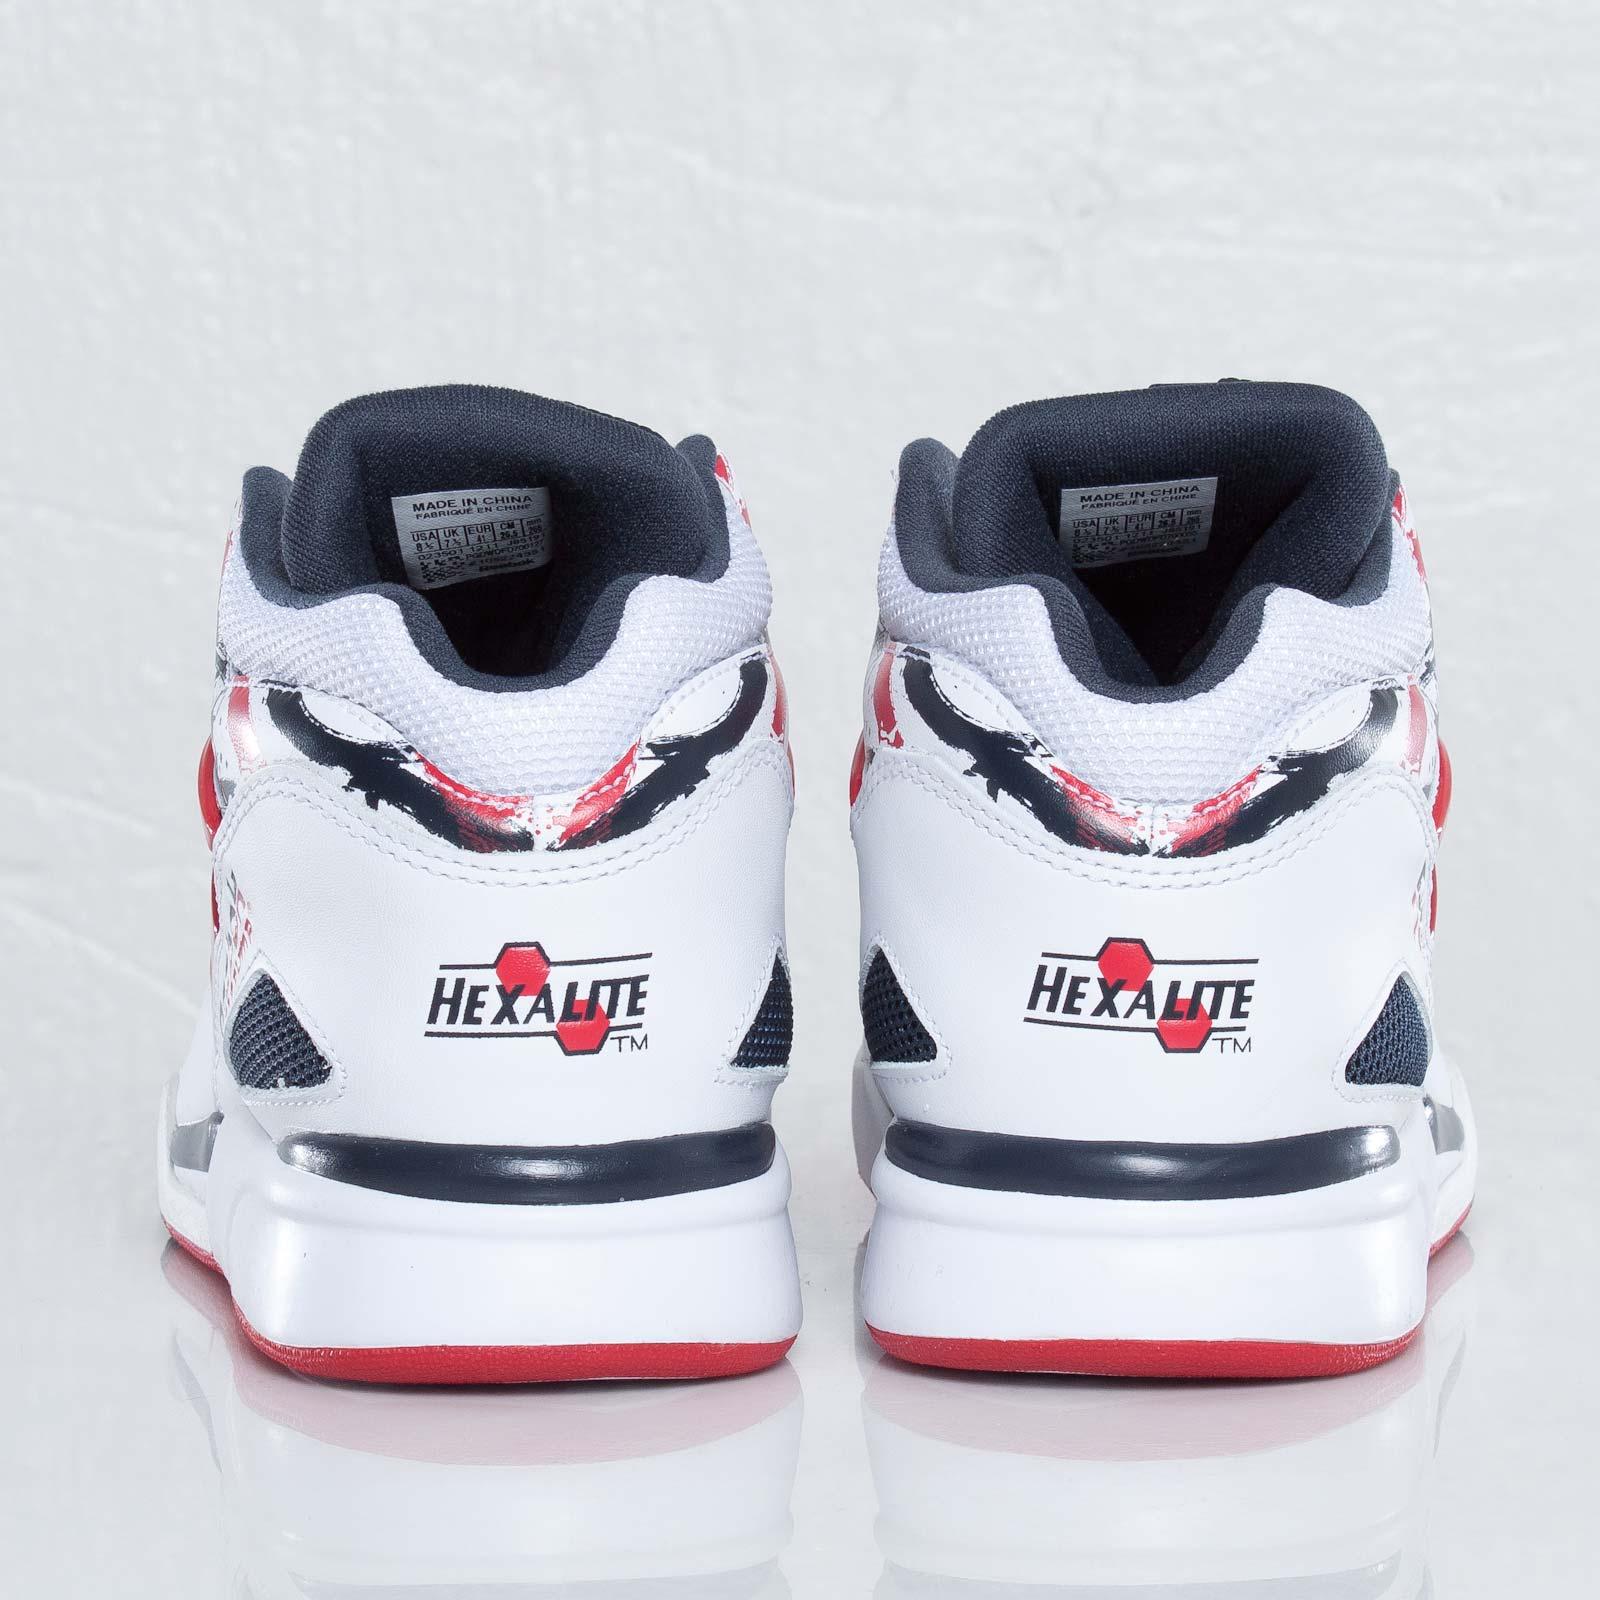 timeless design 1682f d229b Reebok Pump Omni Lite - 110102 - Sneakersnstuff   sneakers   streetwear  online since 1999